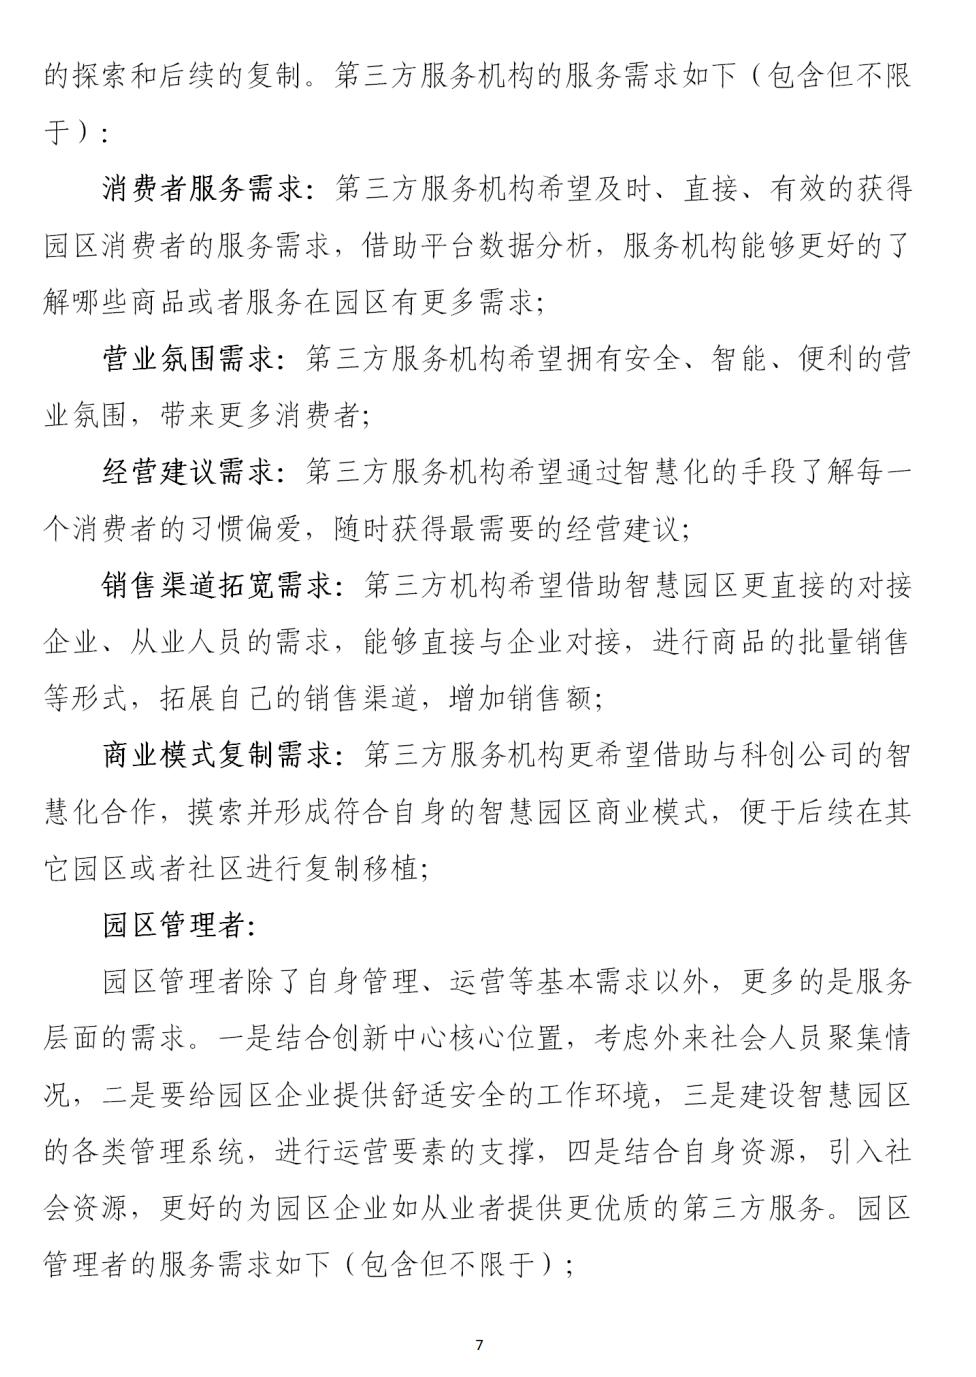 """等待有创意的你 北京城市副中心""""新地标""""公开征集顶层设计方案"""